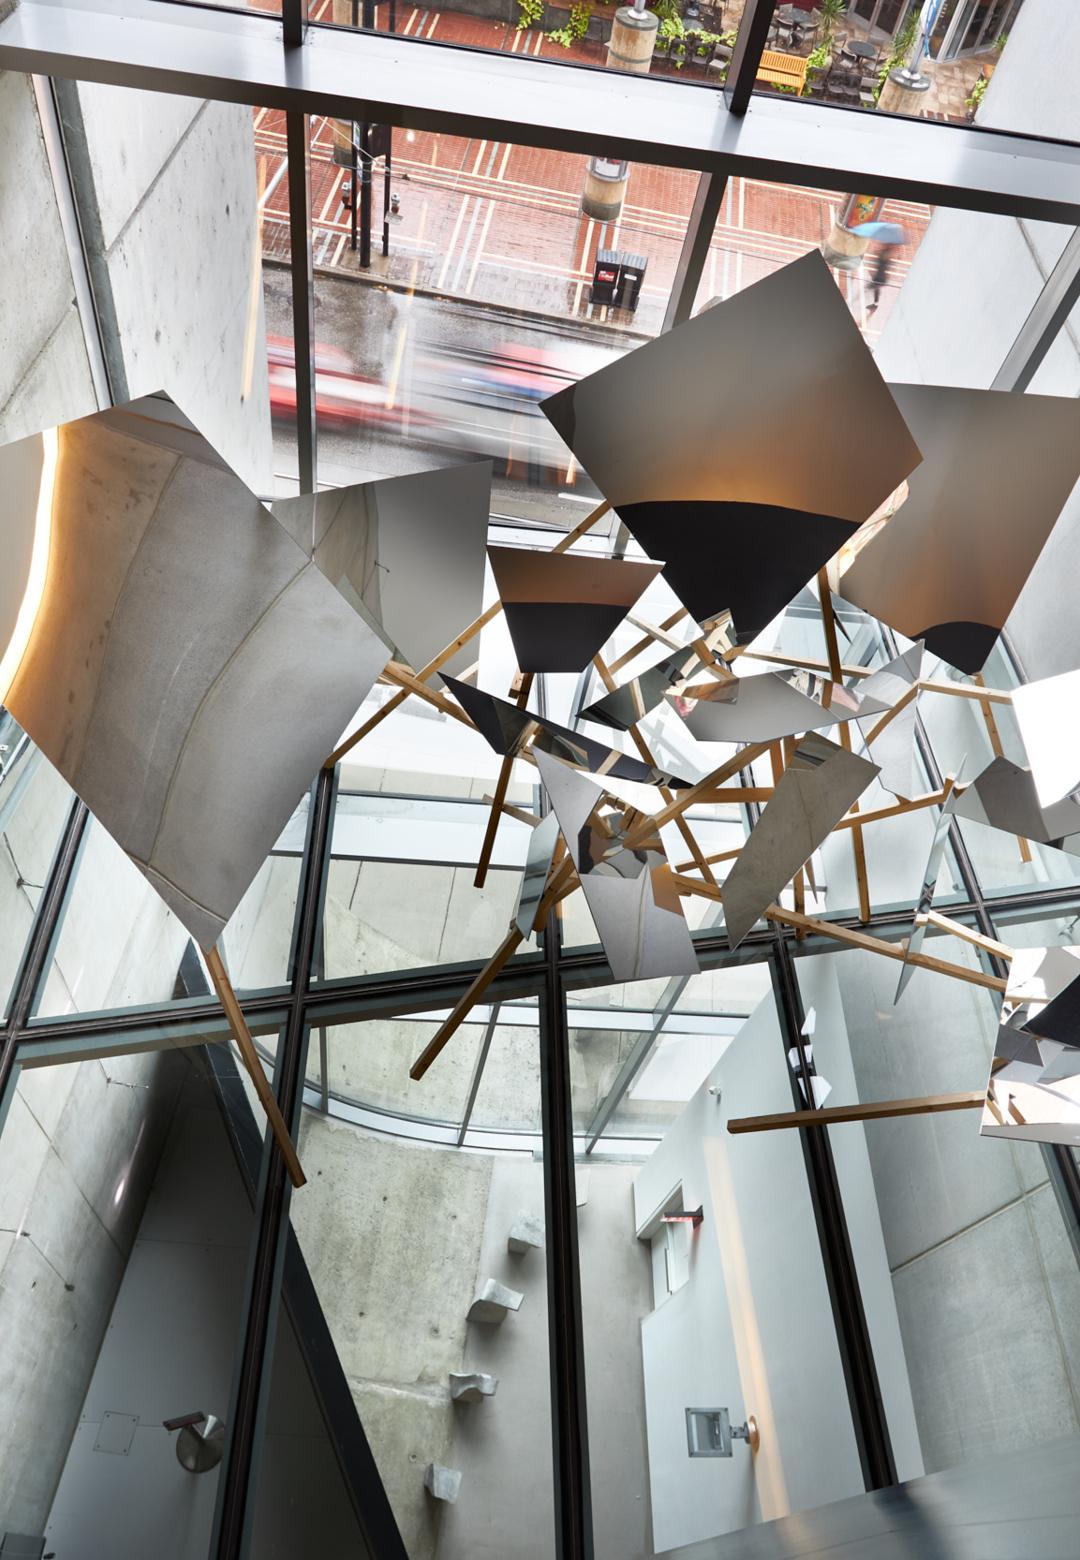 Lauren Henkin, Prop 6, 2019, located on floating glass skylight | Lauren Henkin | Props | STIRworld